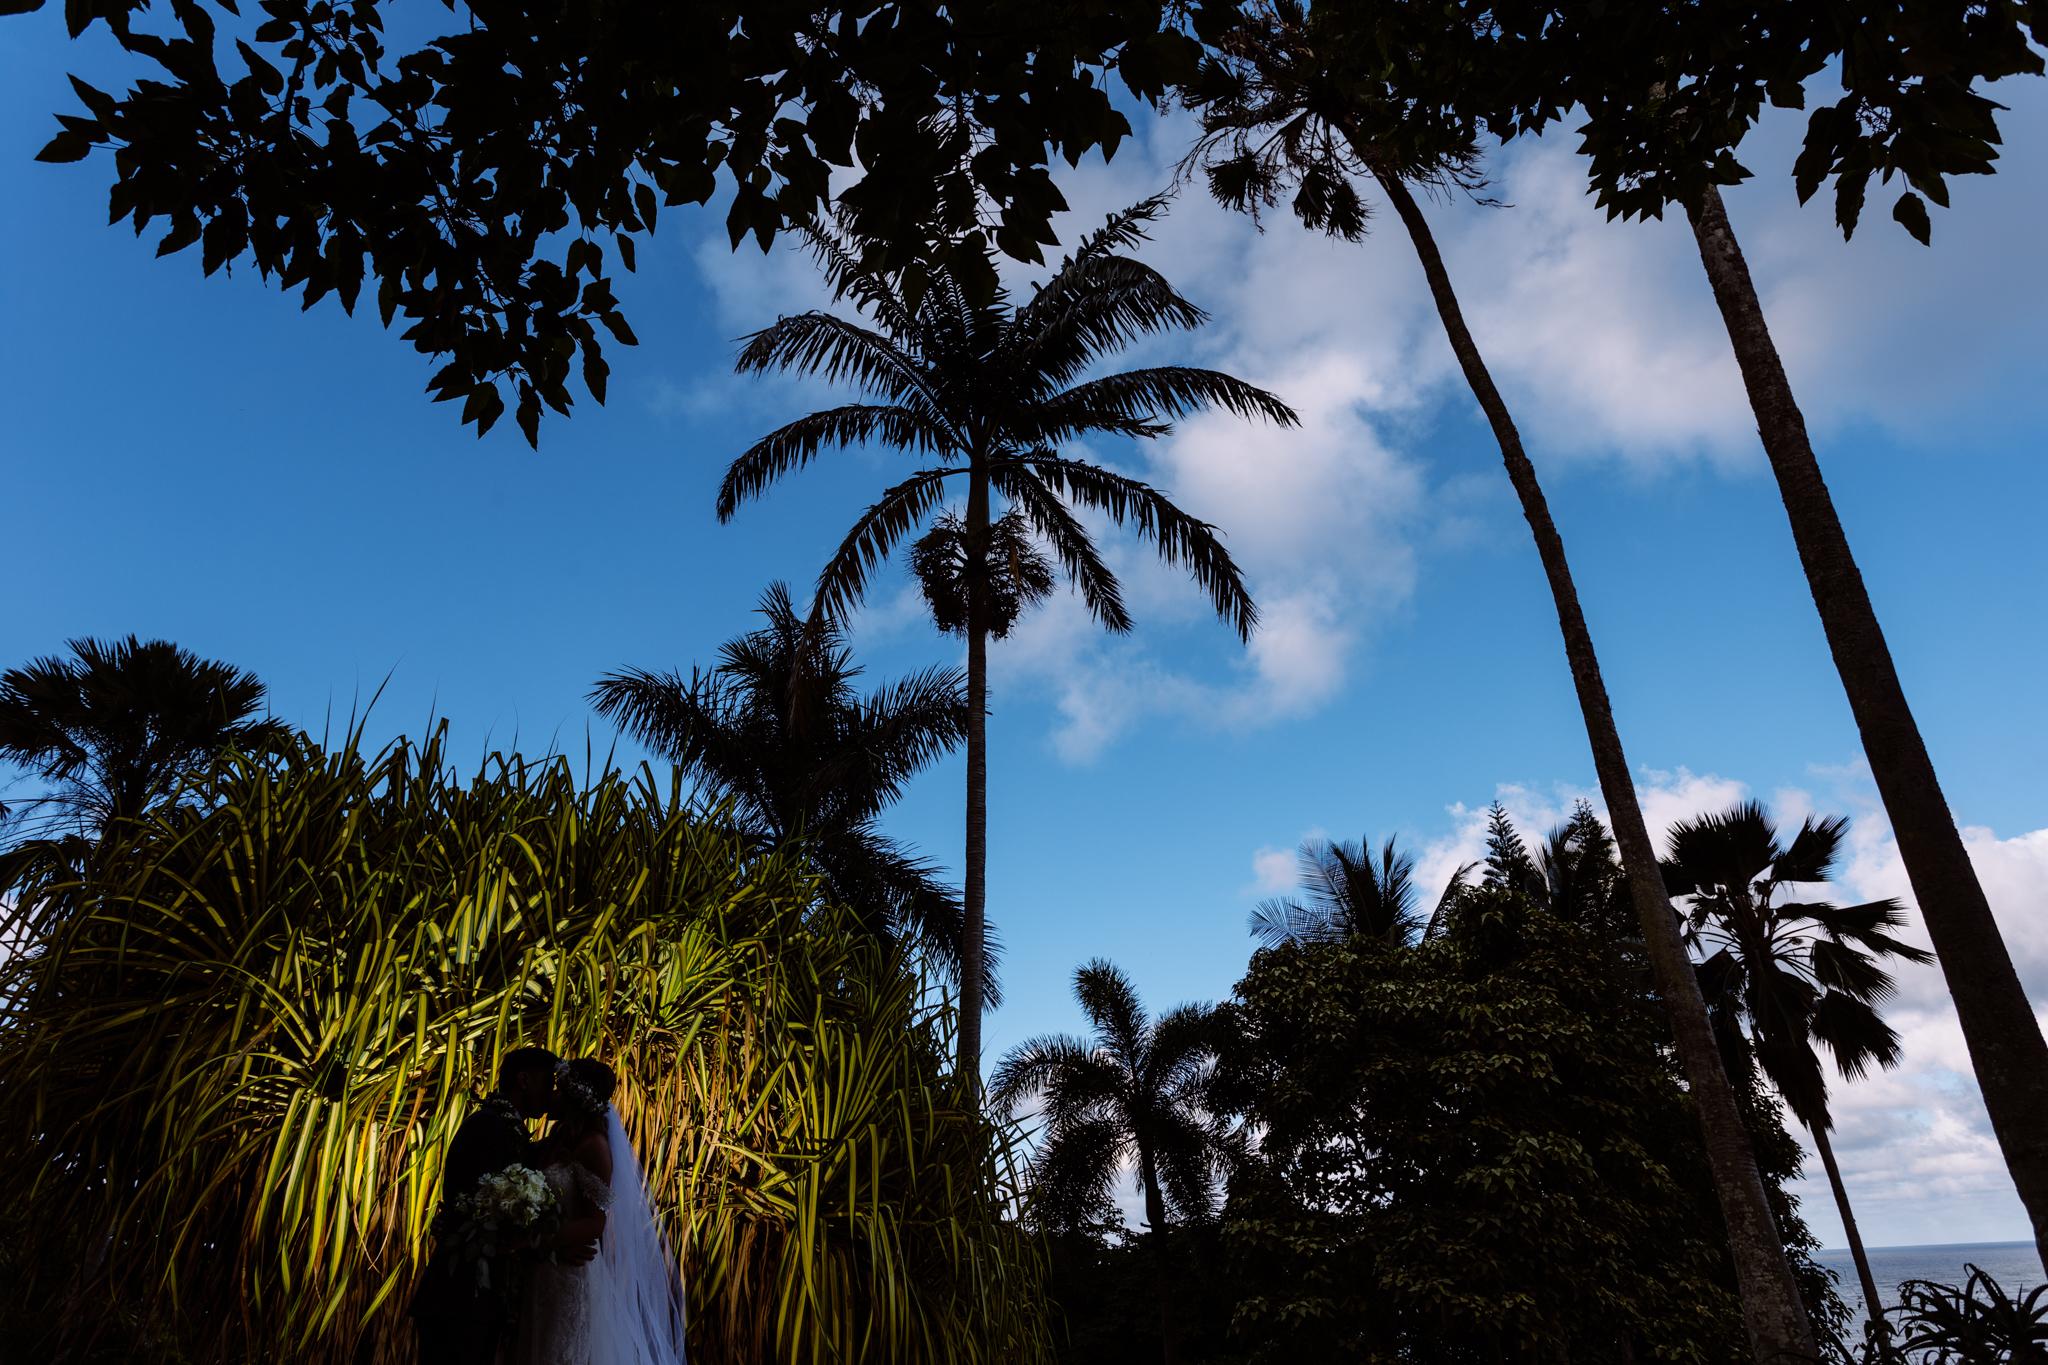 kualoa_ranch_wedding_photography_tone_hawaii-74.jpg